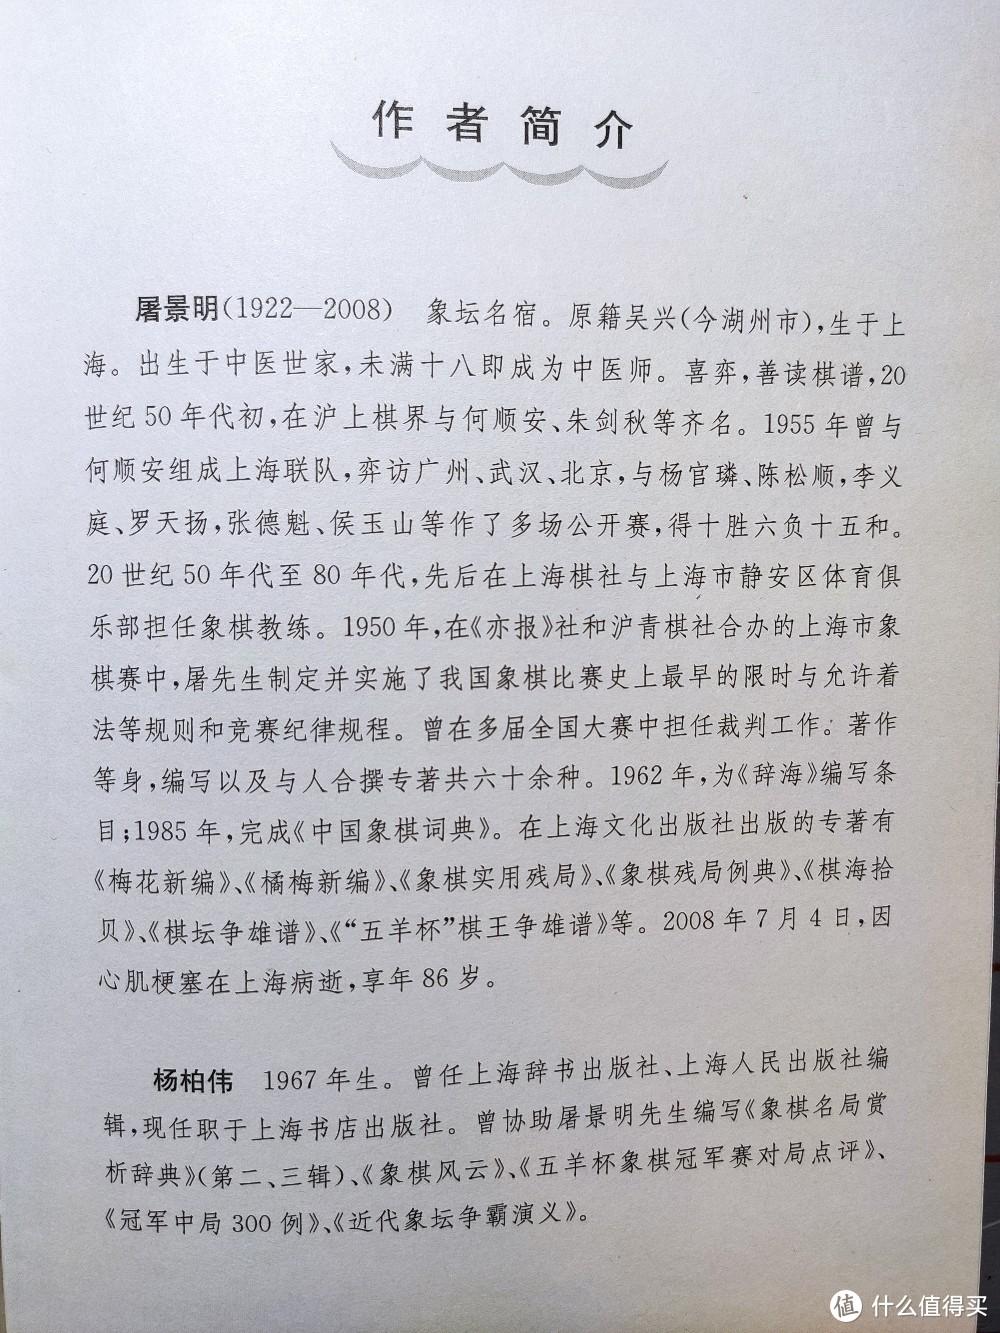 上海文化出版社修订版《象棋词典》小晒